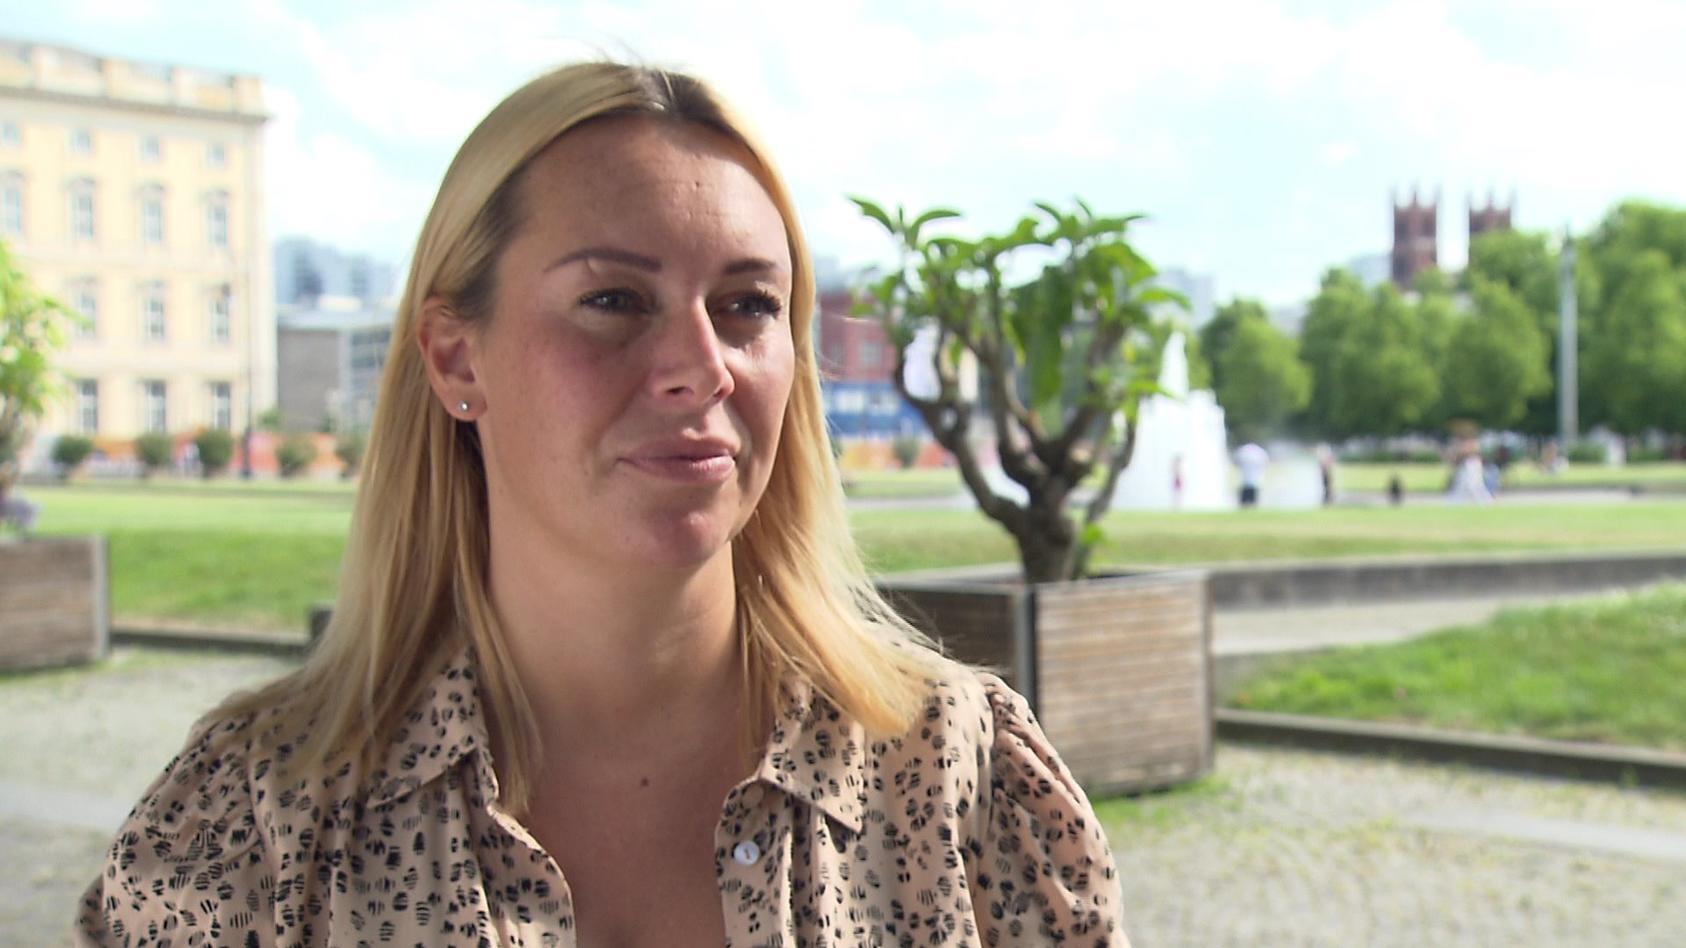 influencerin-julia-holz-ist-endlich-krebsfrei-hat-aber-jetzt-ein-neues-gesundheitliches-problem